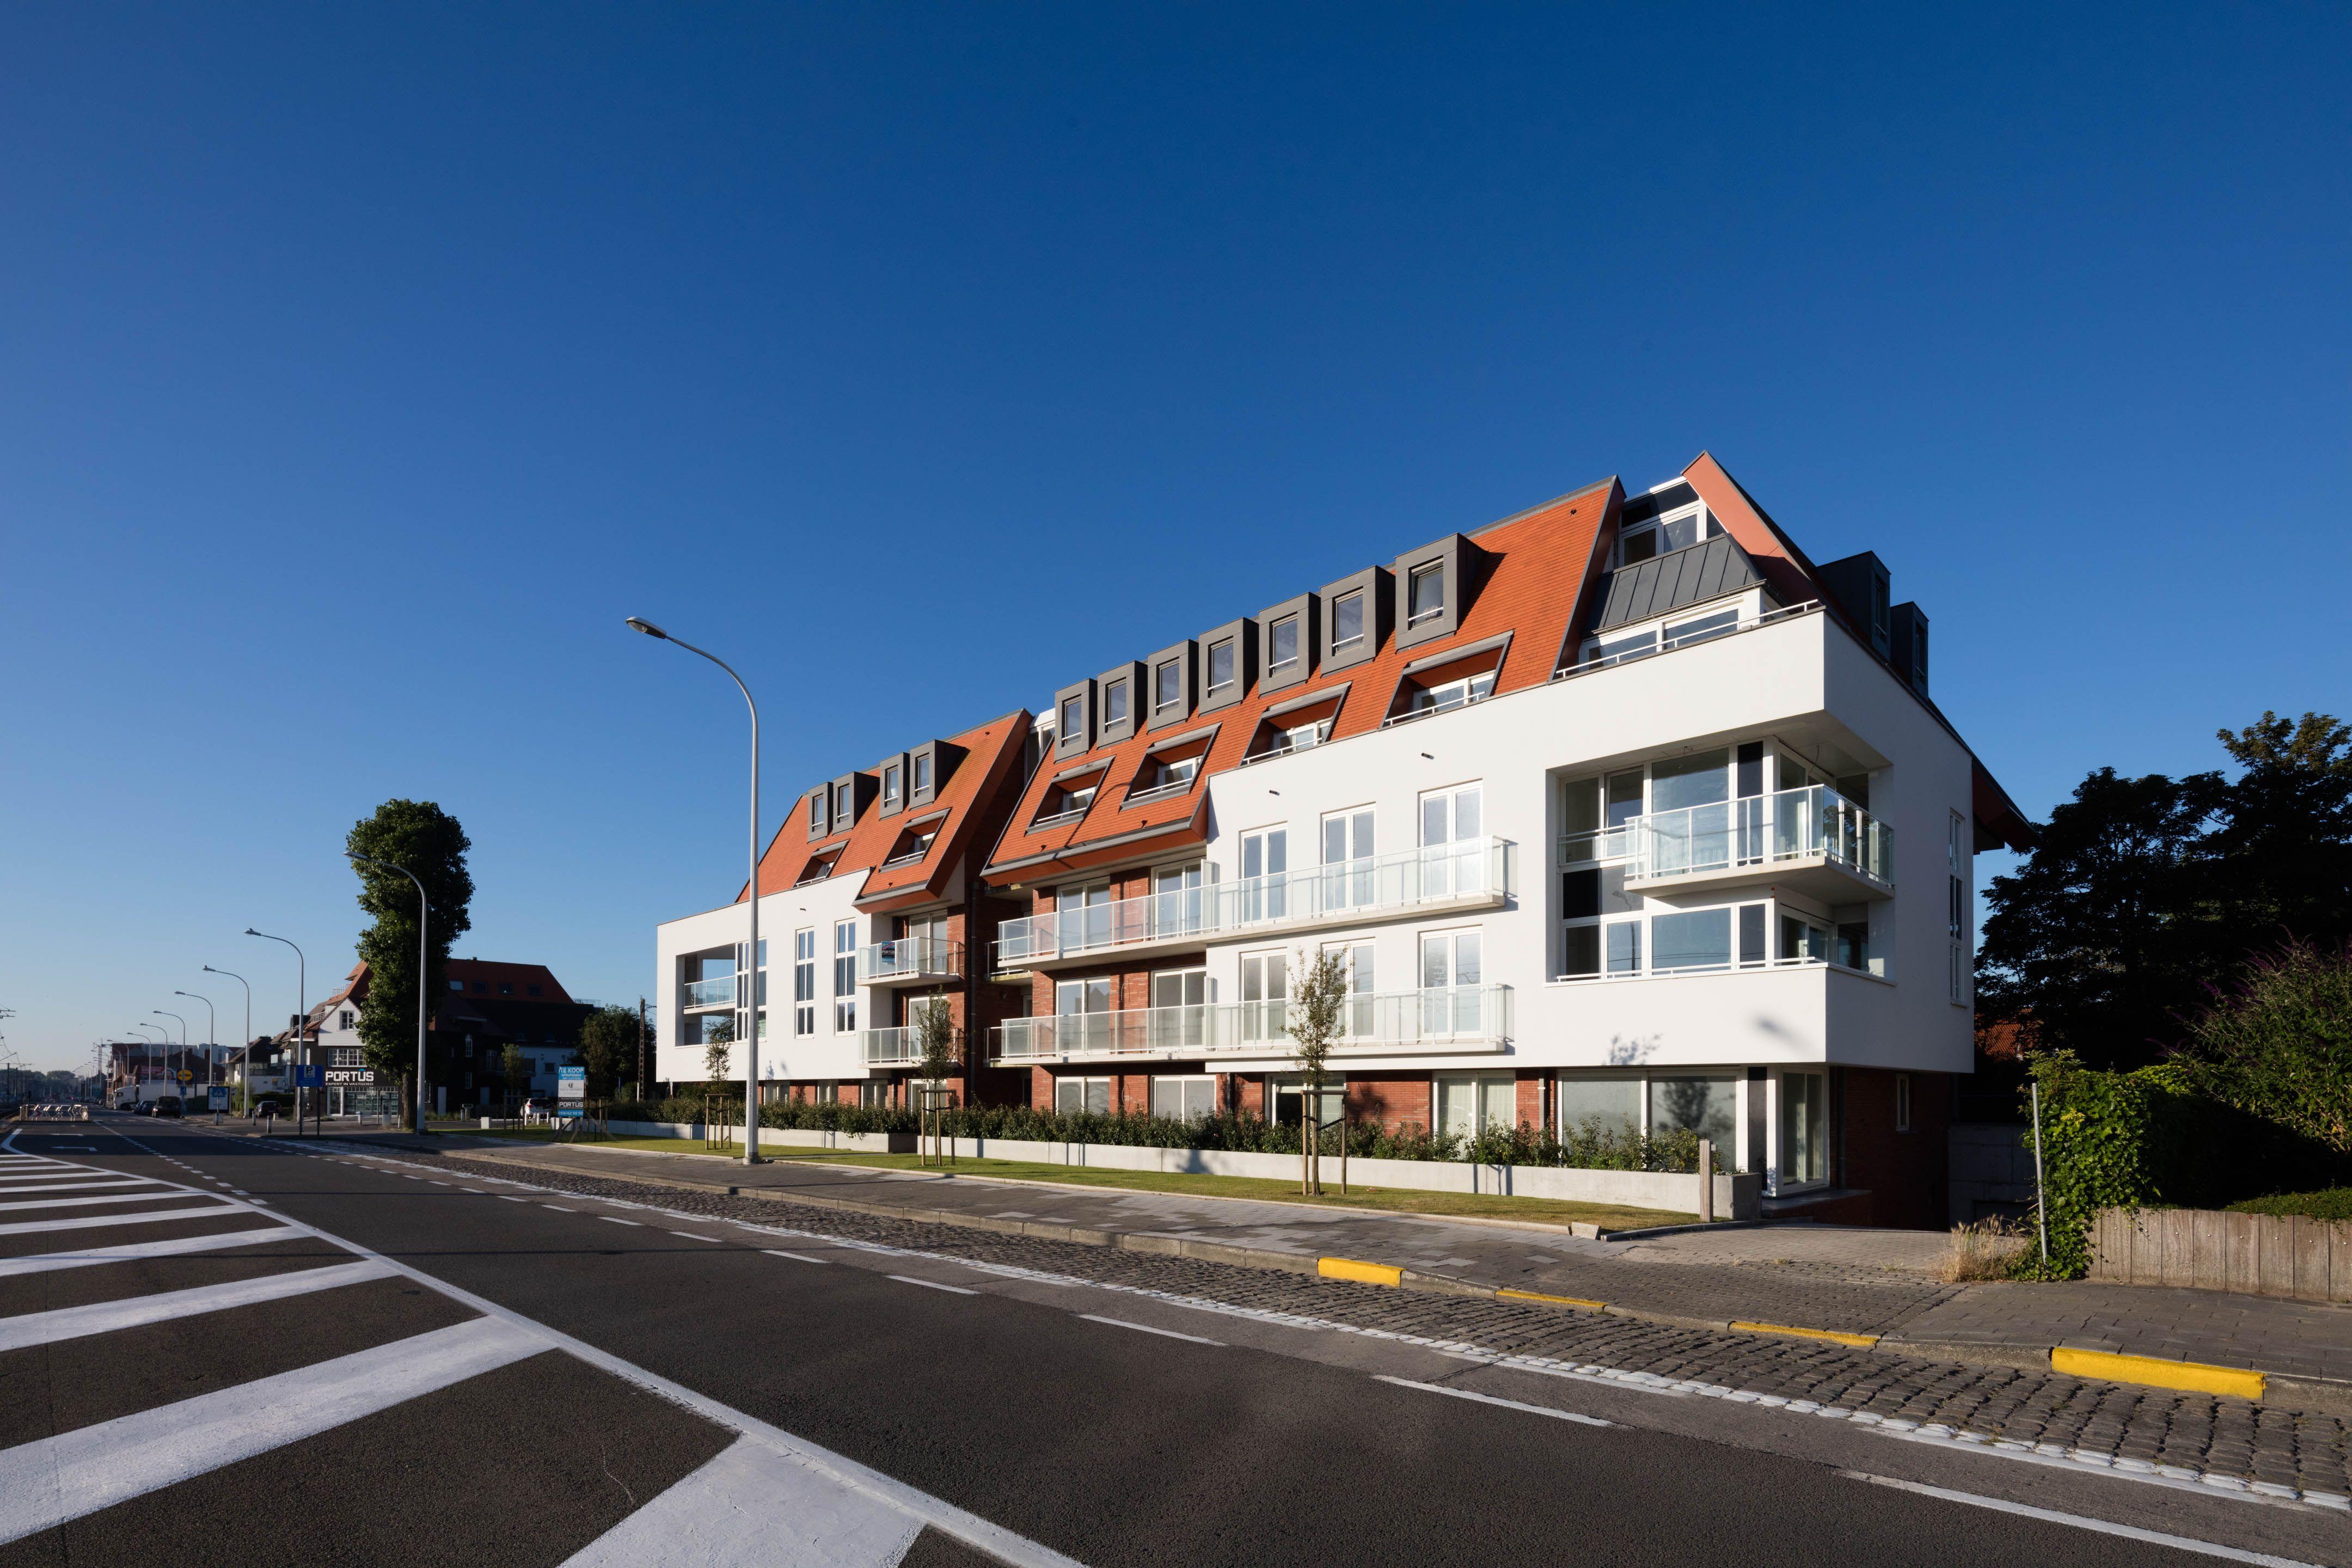 Appartement Residentie Villa Crombez Nieuwpoort - 9351